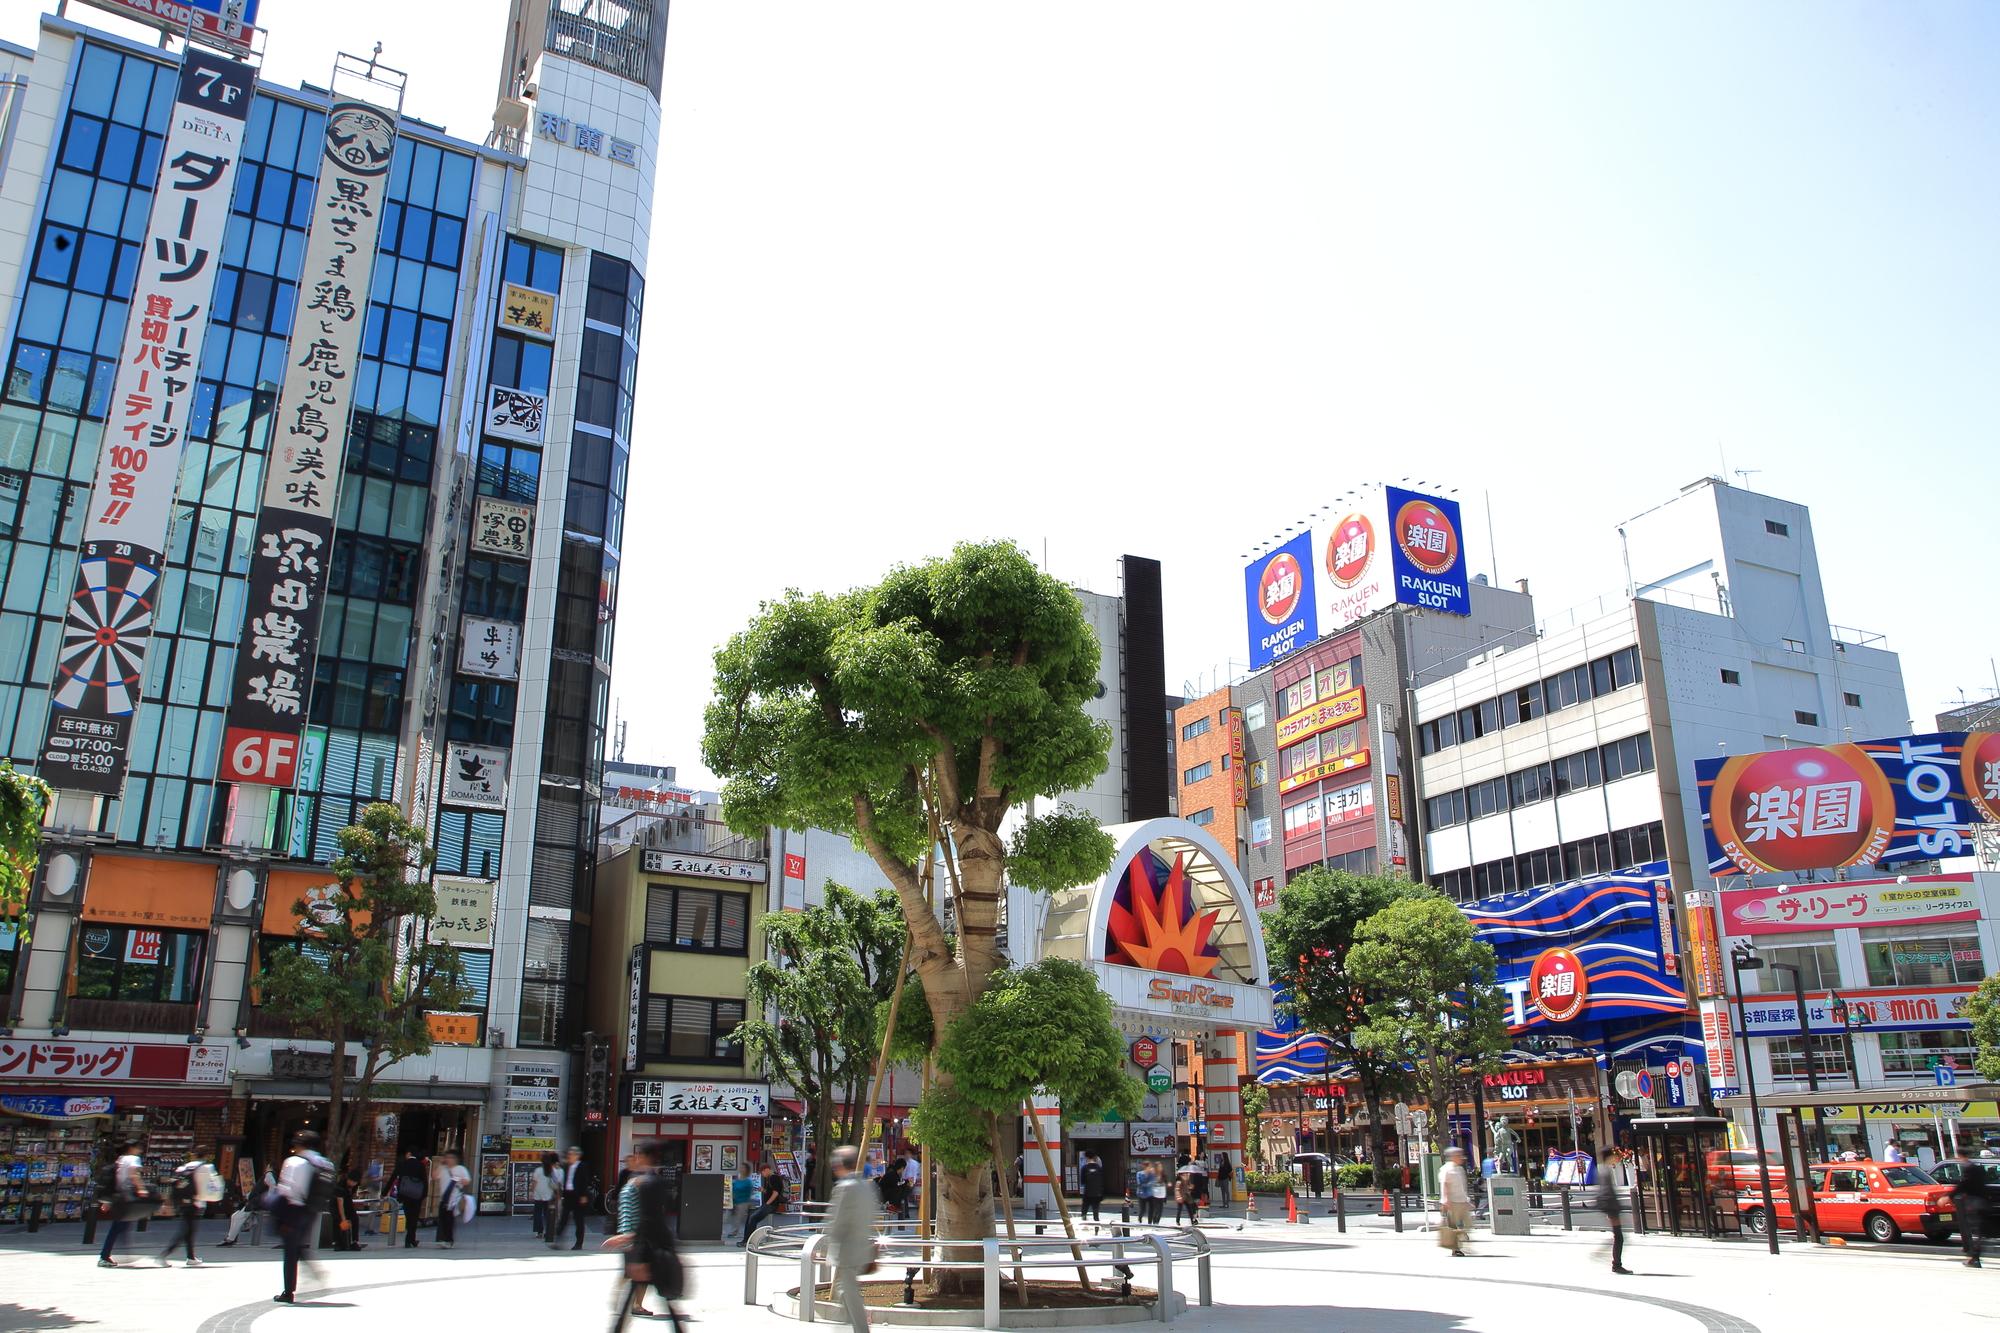 親知らずが痛い!蒲田駅近くにある歯医者5院のおすすめポイント